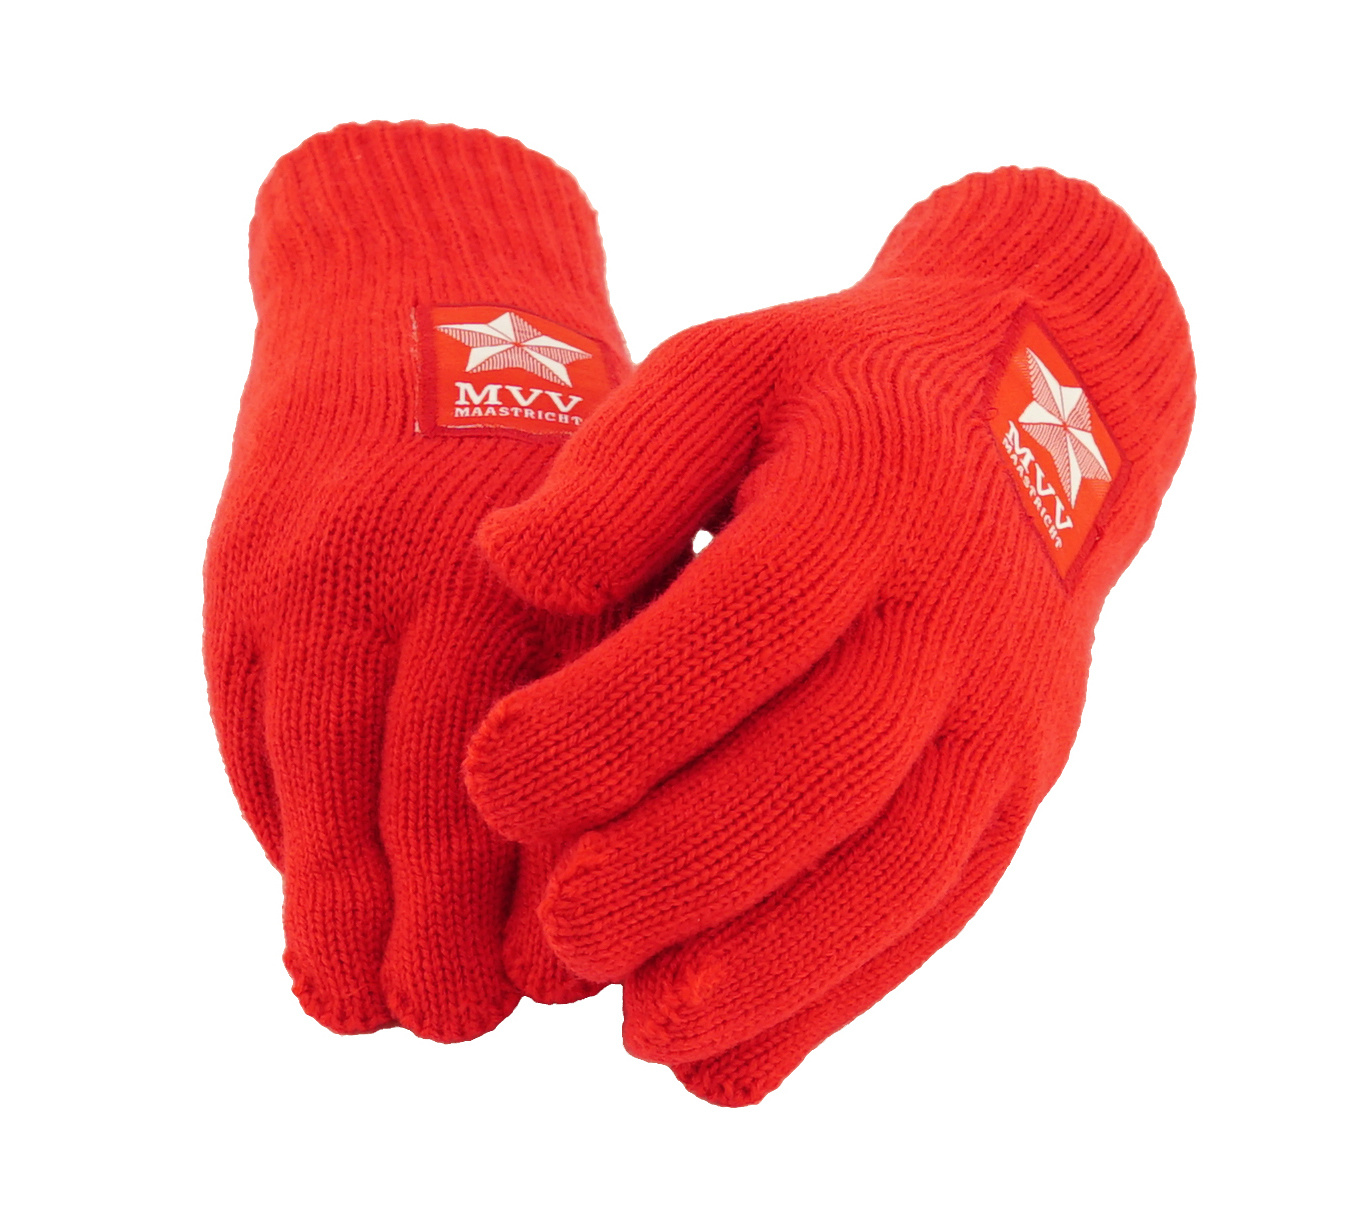 Rode handschoenen - heren